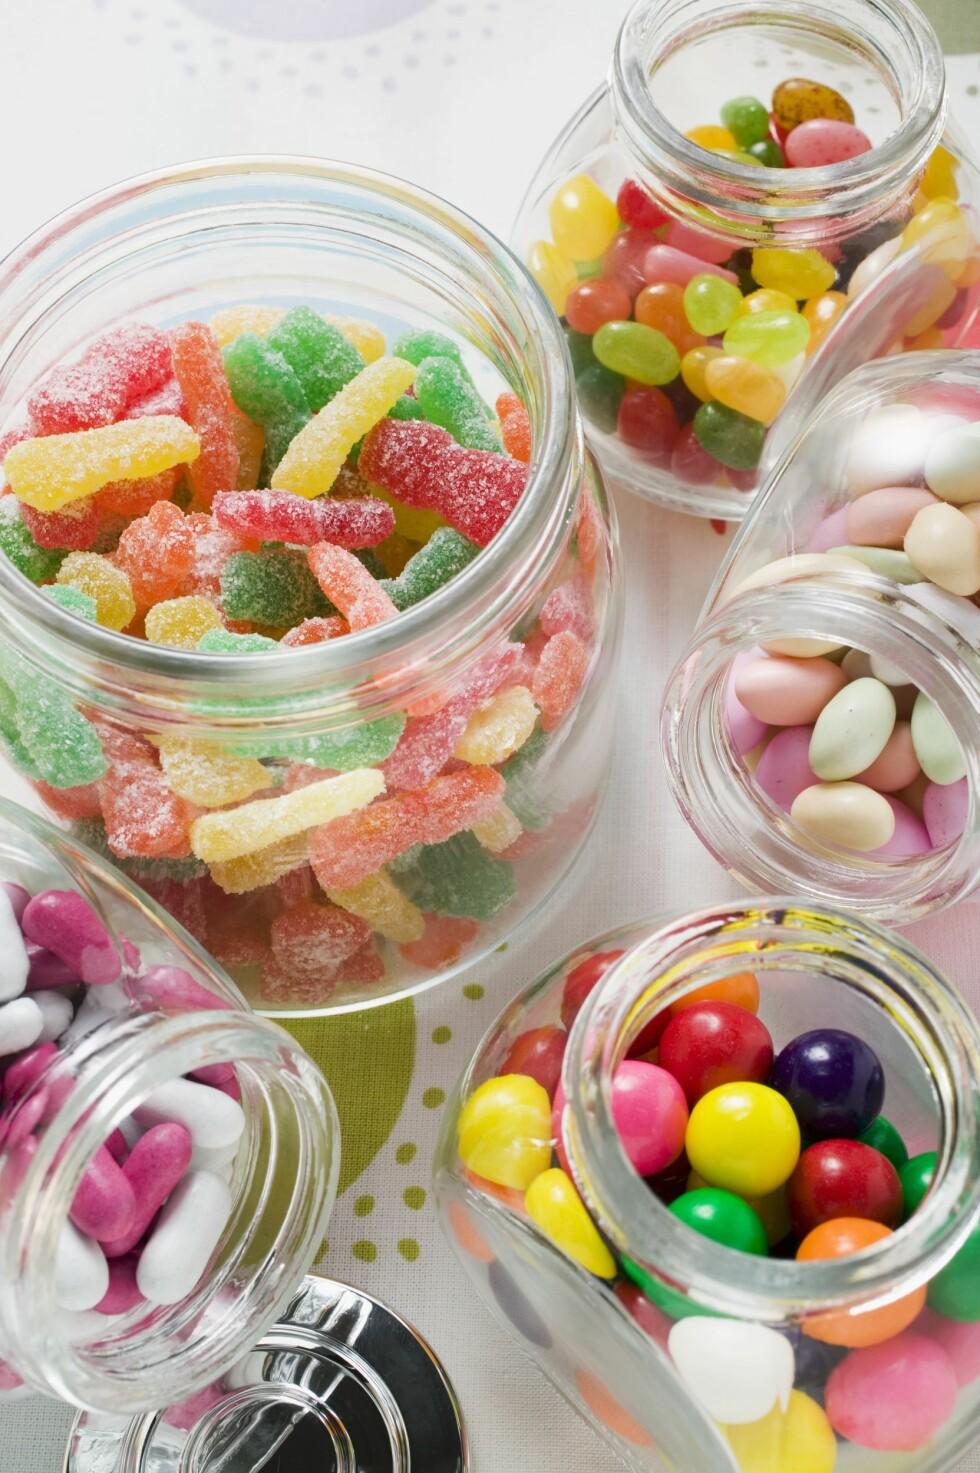 PASS PÅ: Sukkerfri tyggis kan faktisk gjøre at du får mer lyst på søtsaker.  Foto: Scanpix